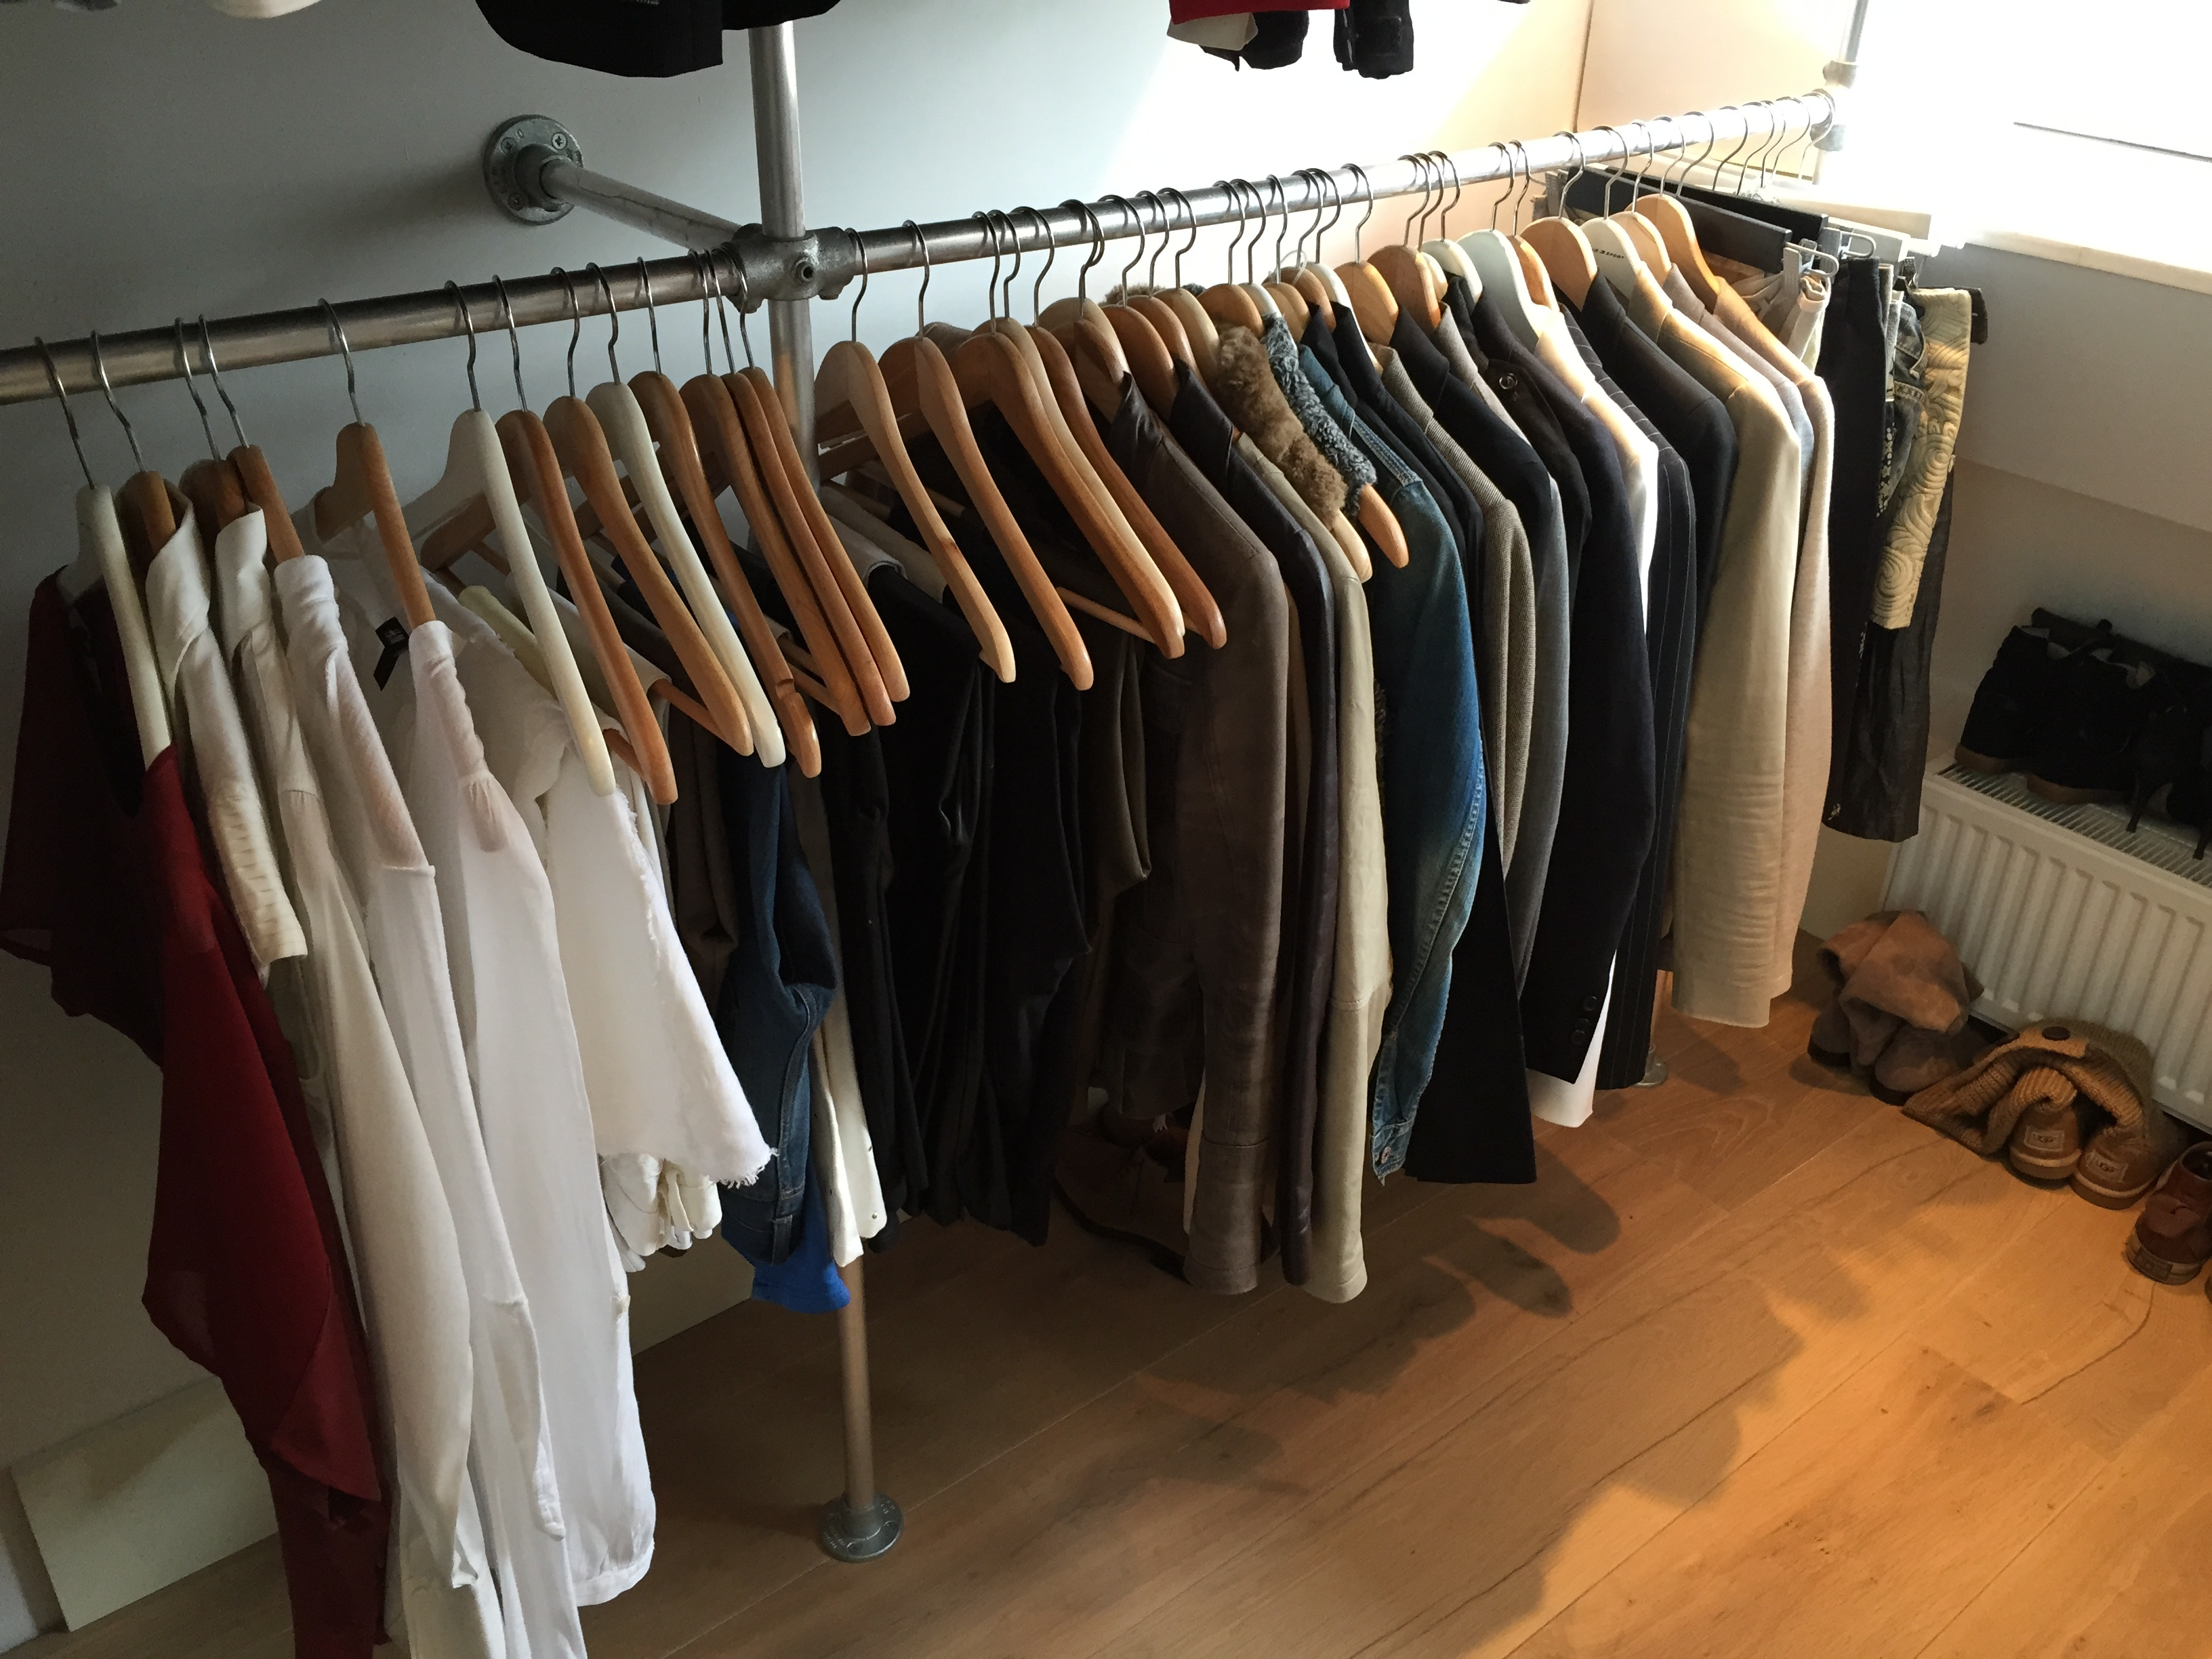 Voorkeur Buizenframe kledingrek | voordemakers.nl ZI83